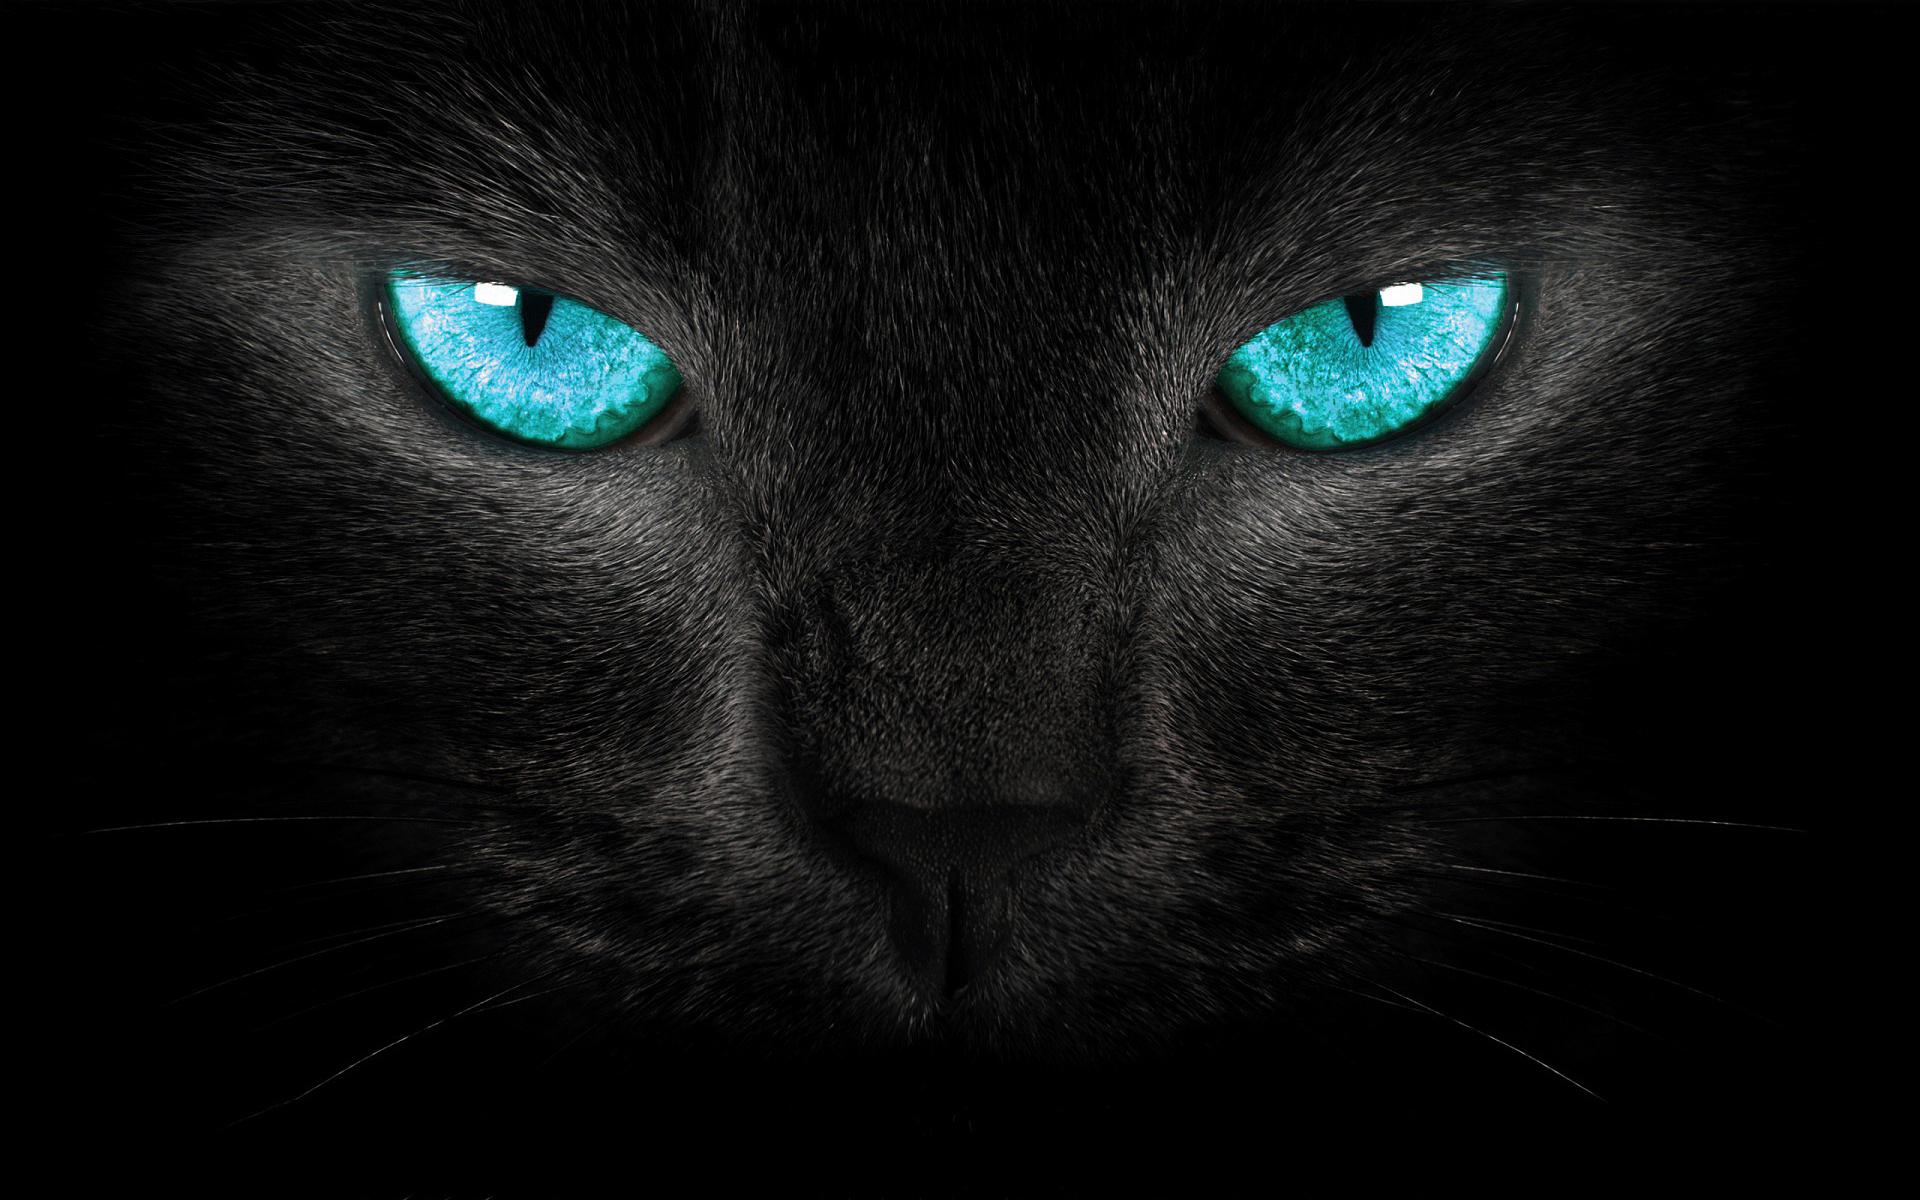 cat turquoise eyes